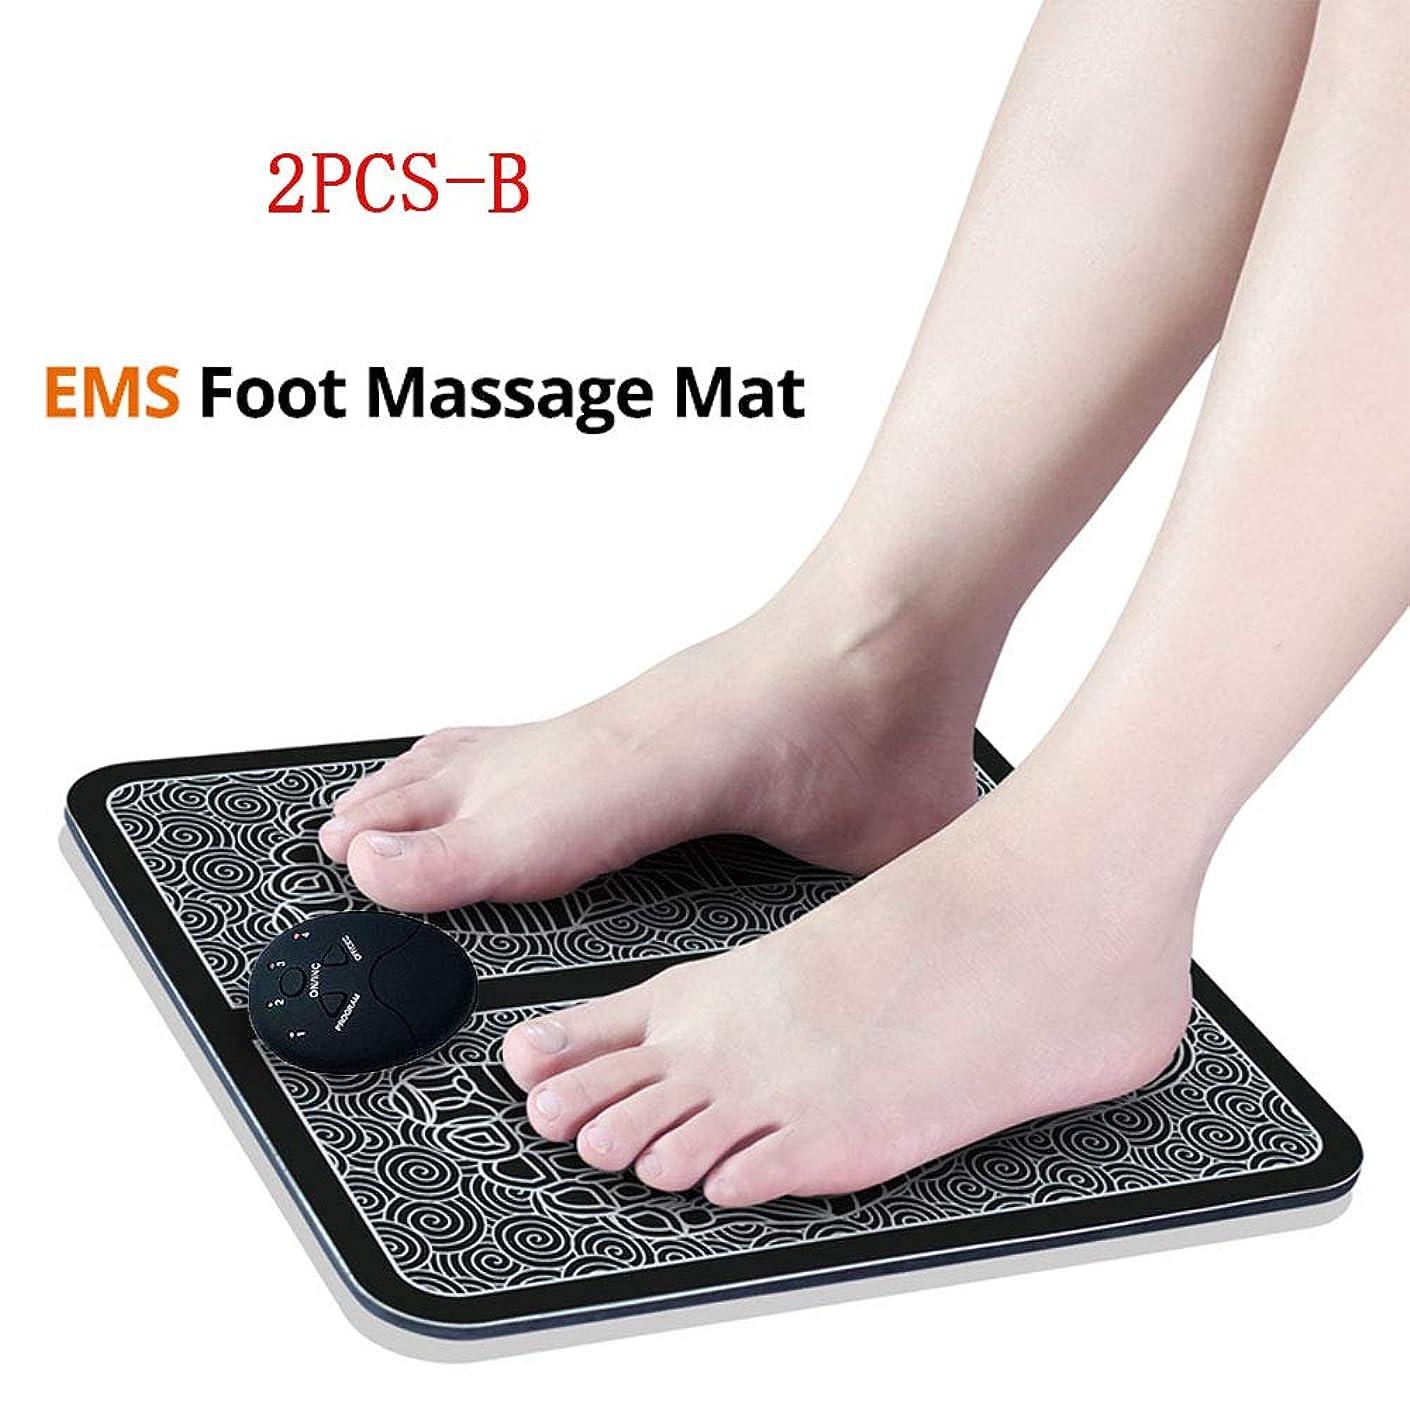 ハイランド活性化ペチコートEMSスマートフットマッサージパッド、フットマッサージャー、足指圧療法、血液循環の促進、筋肉痛の緩和、男性と女性用、2個,B